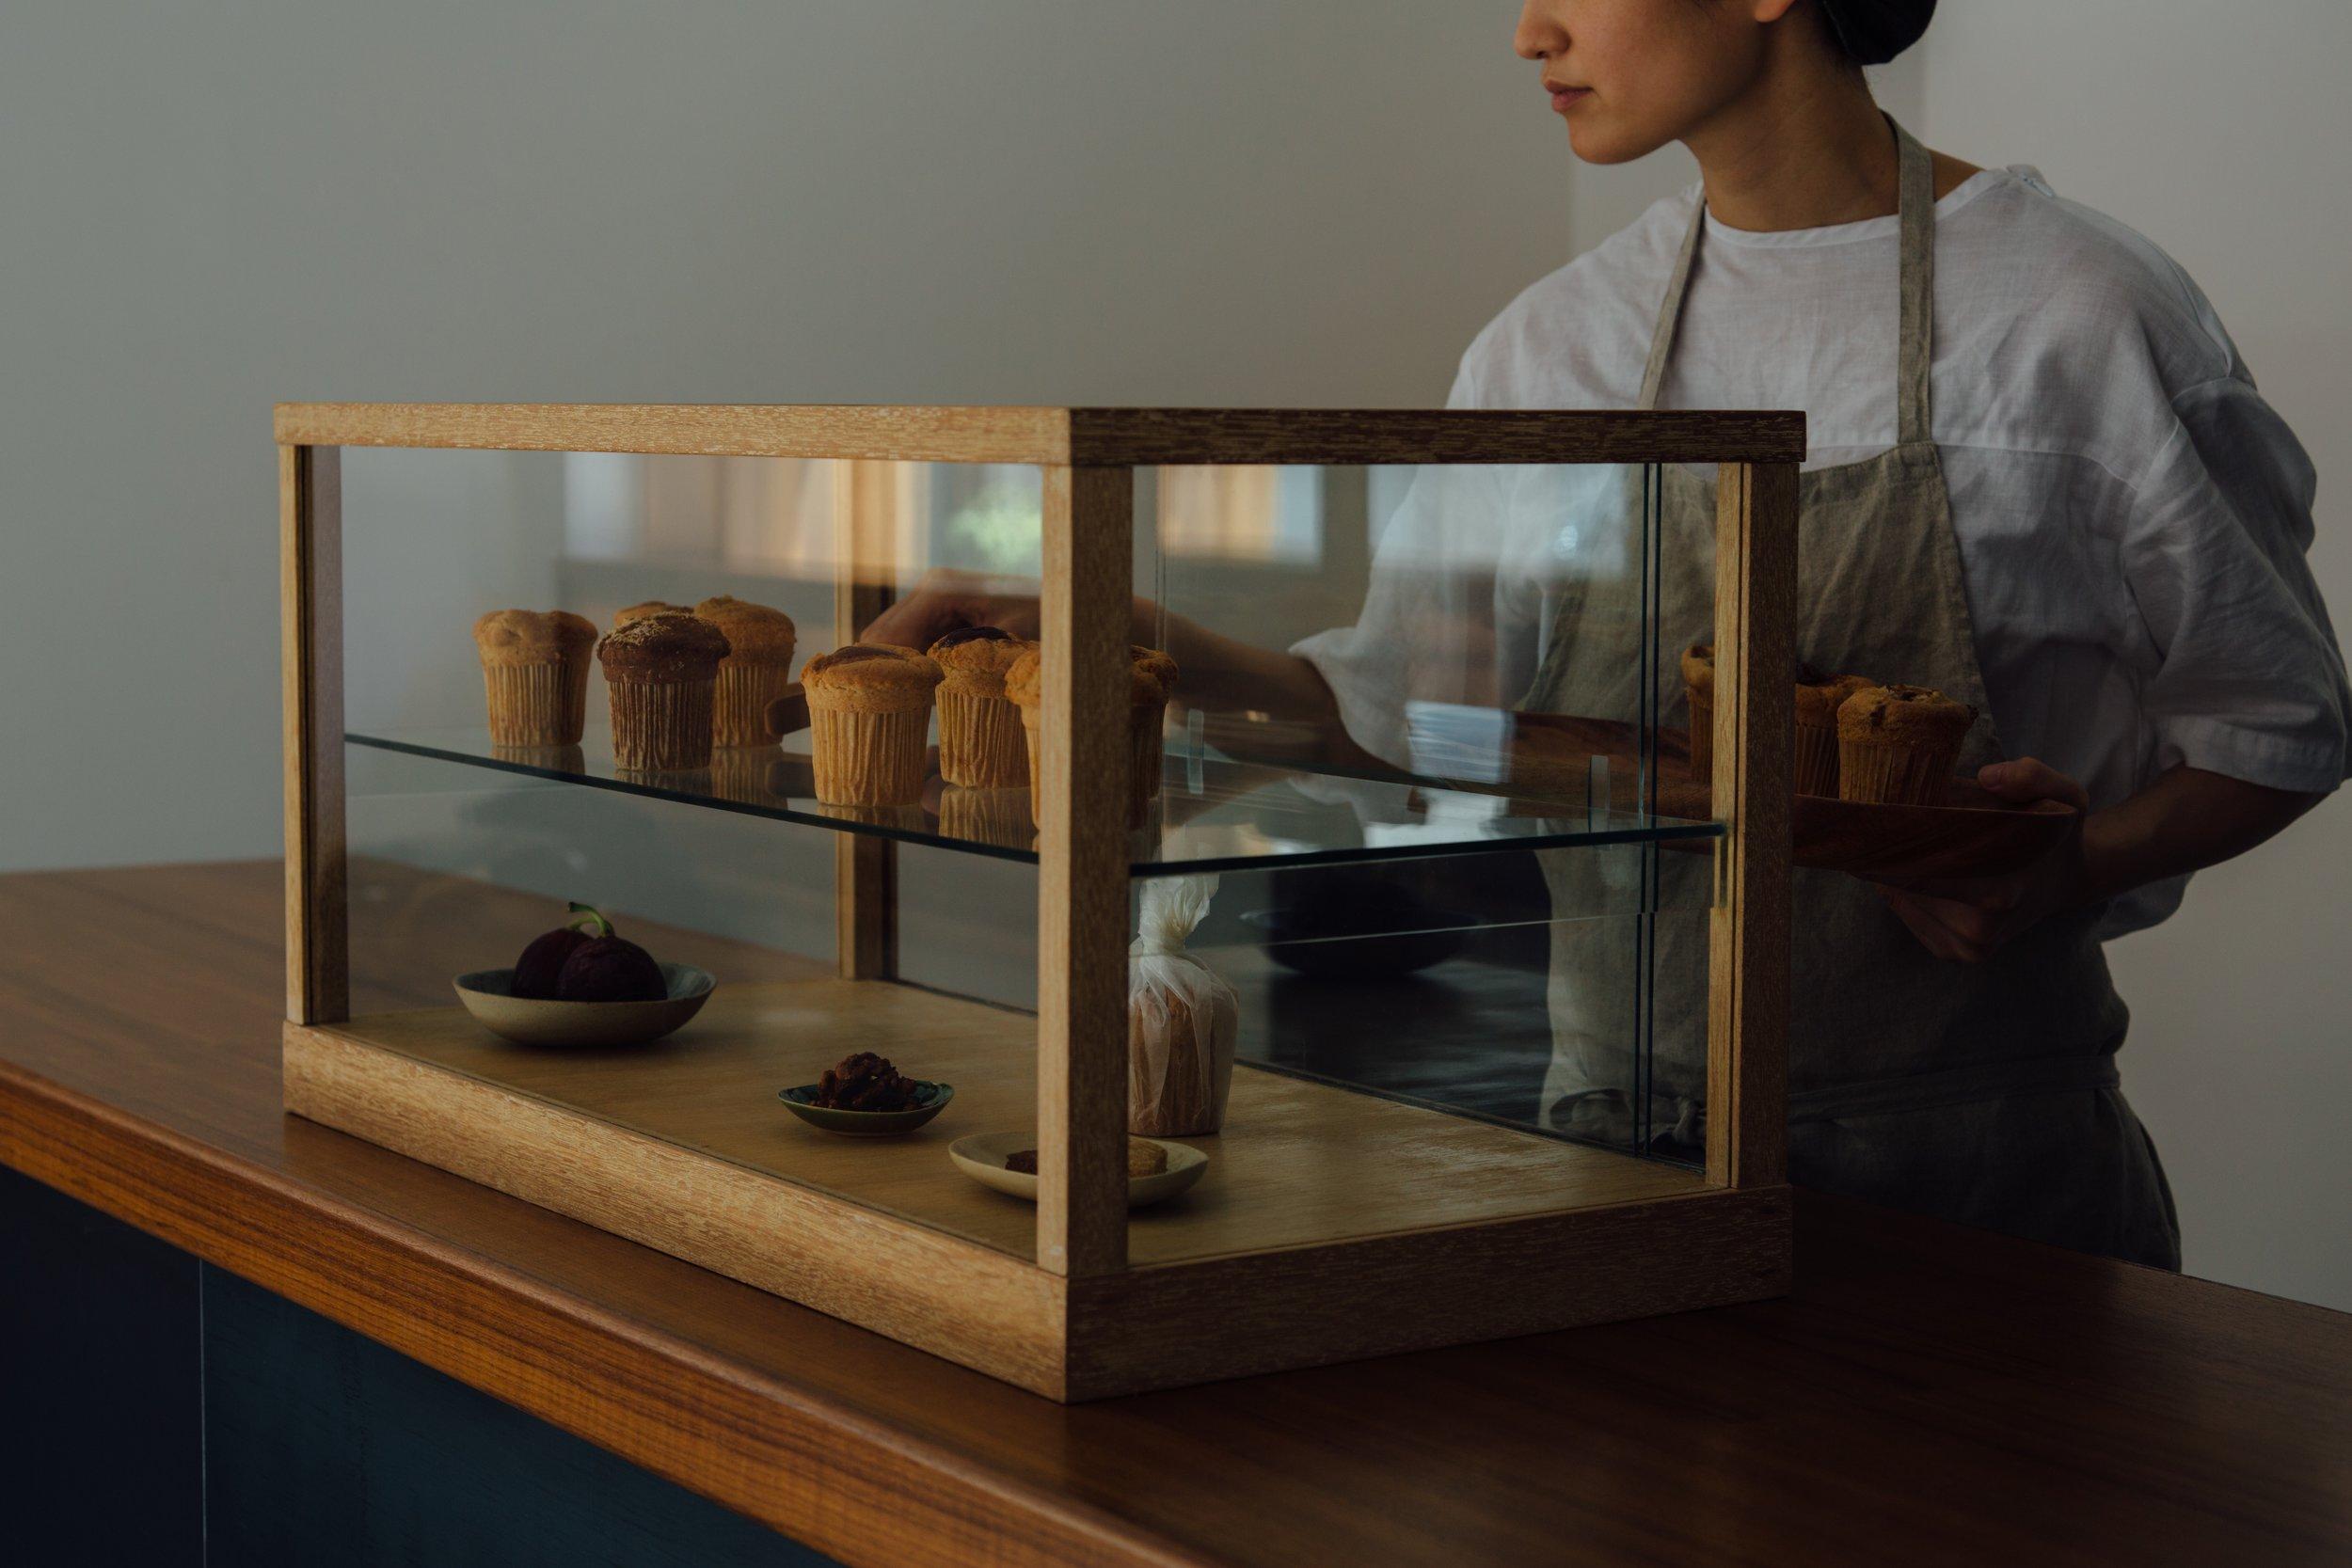 muffin_showcase.jpg